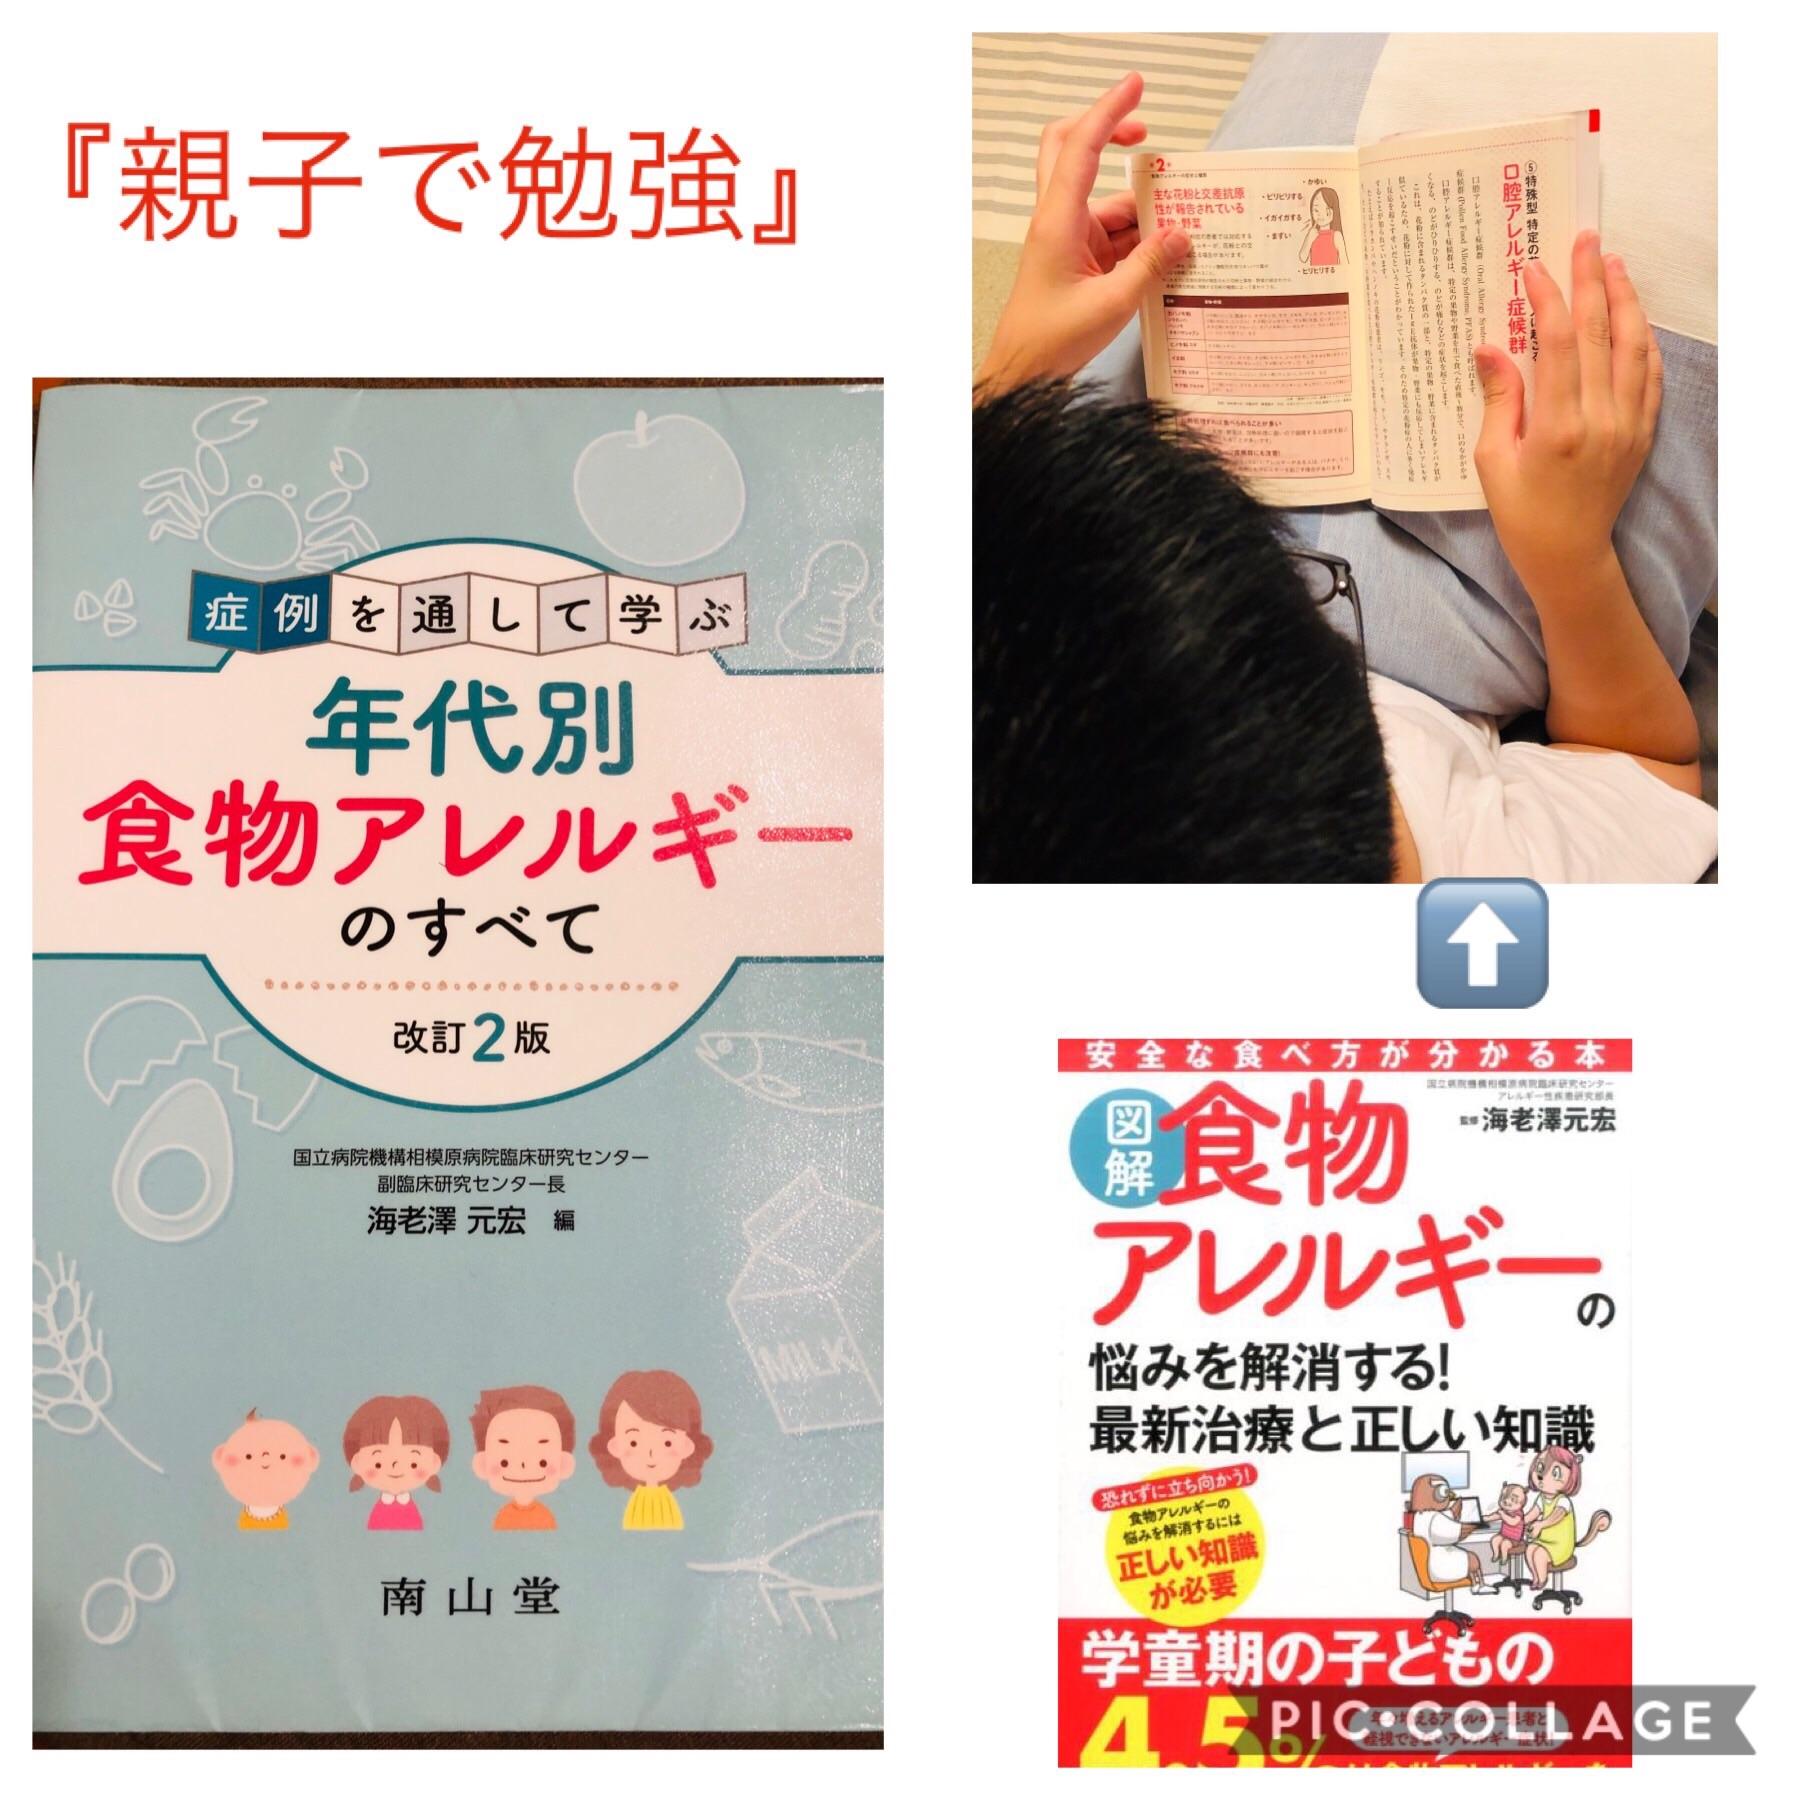 f:id:allergy_nagasakikko:20190731215405j:image